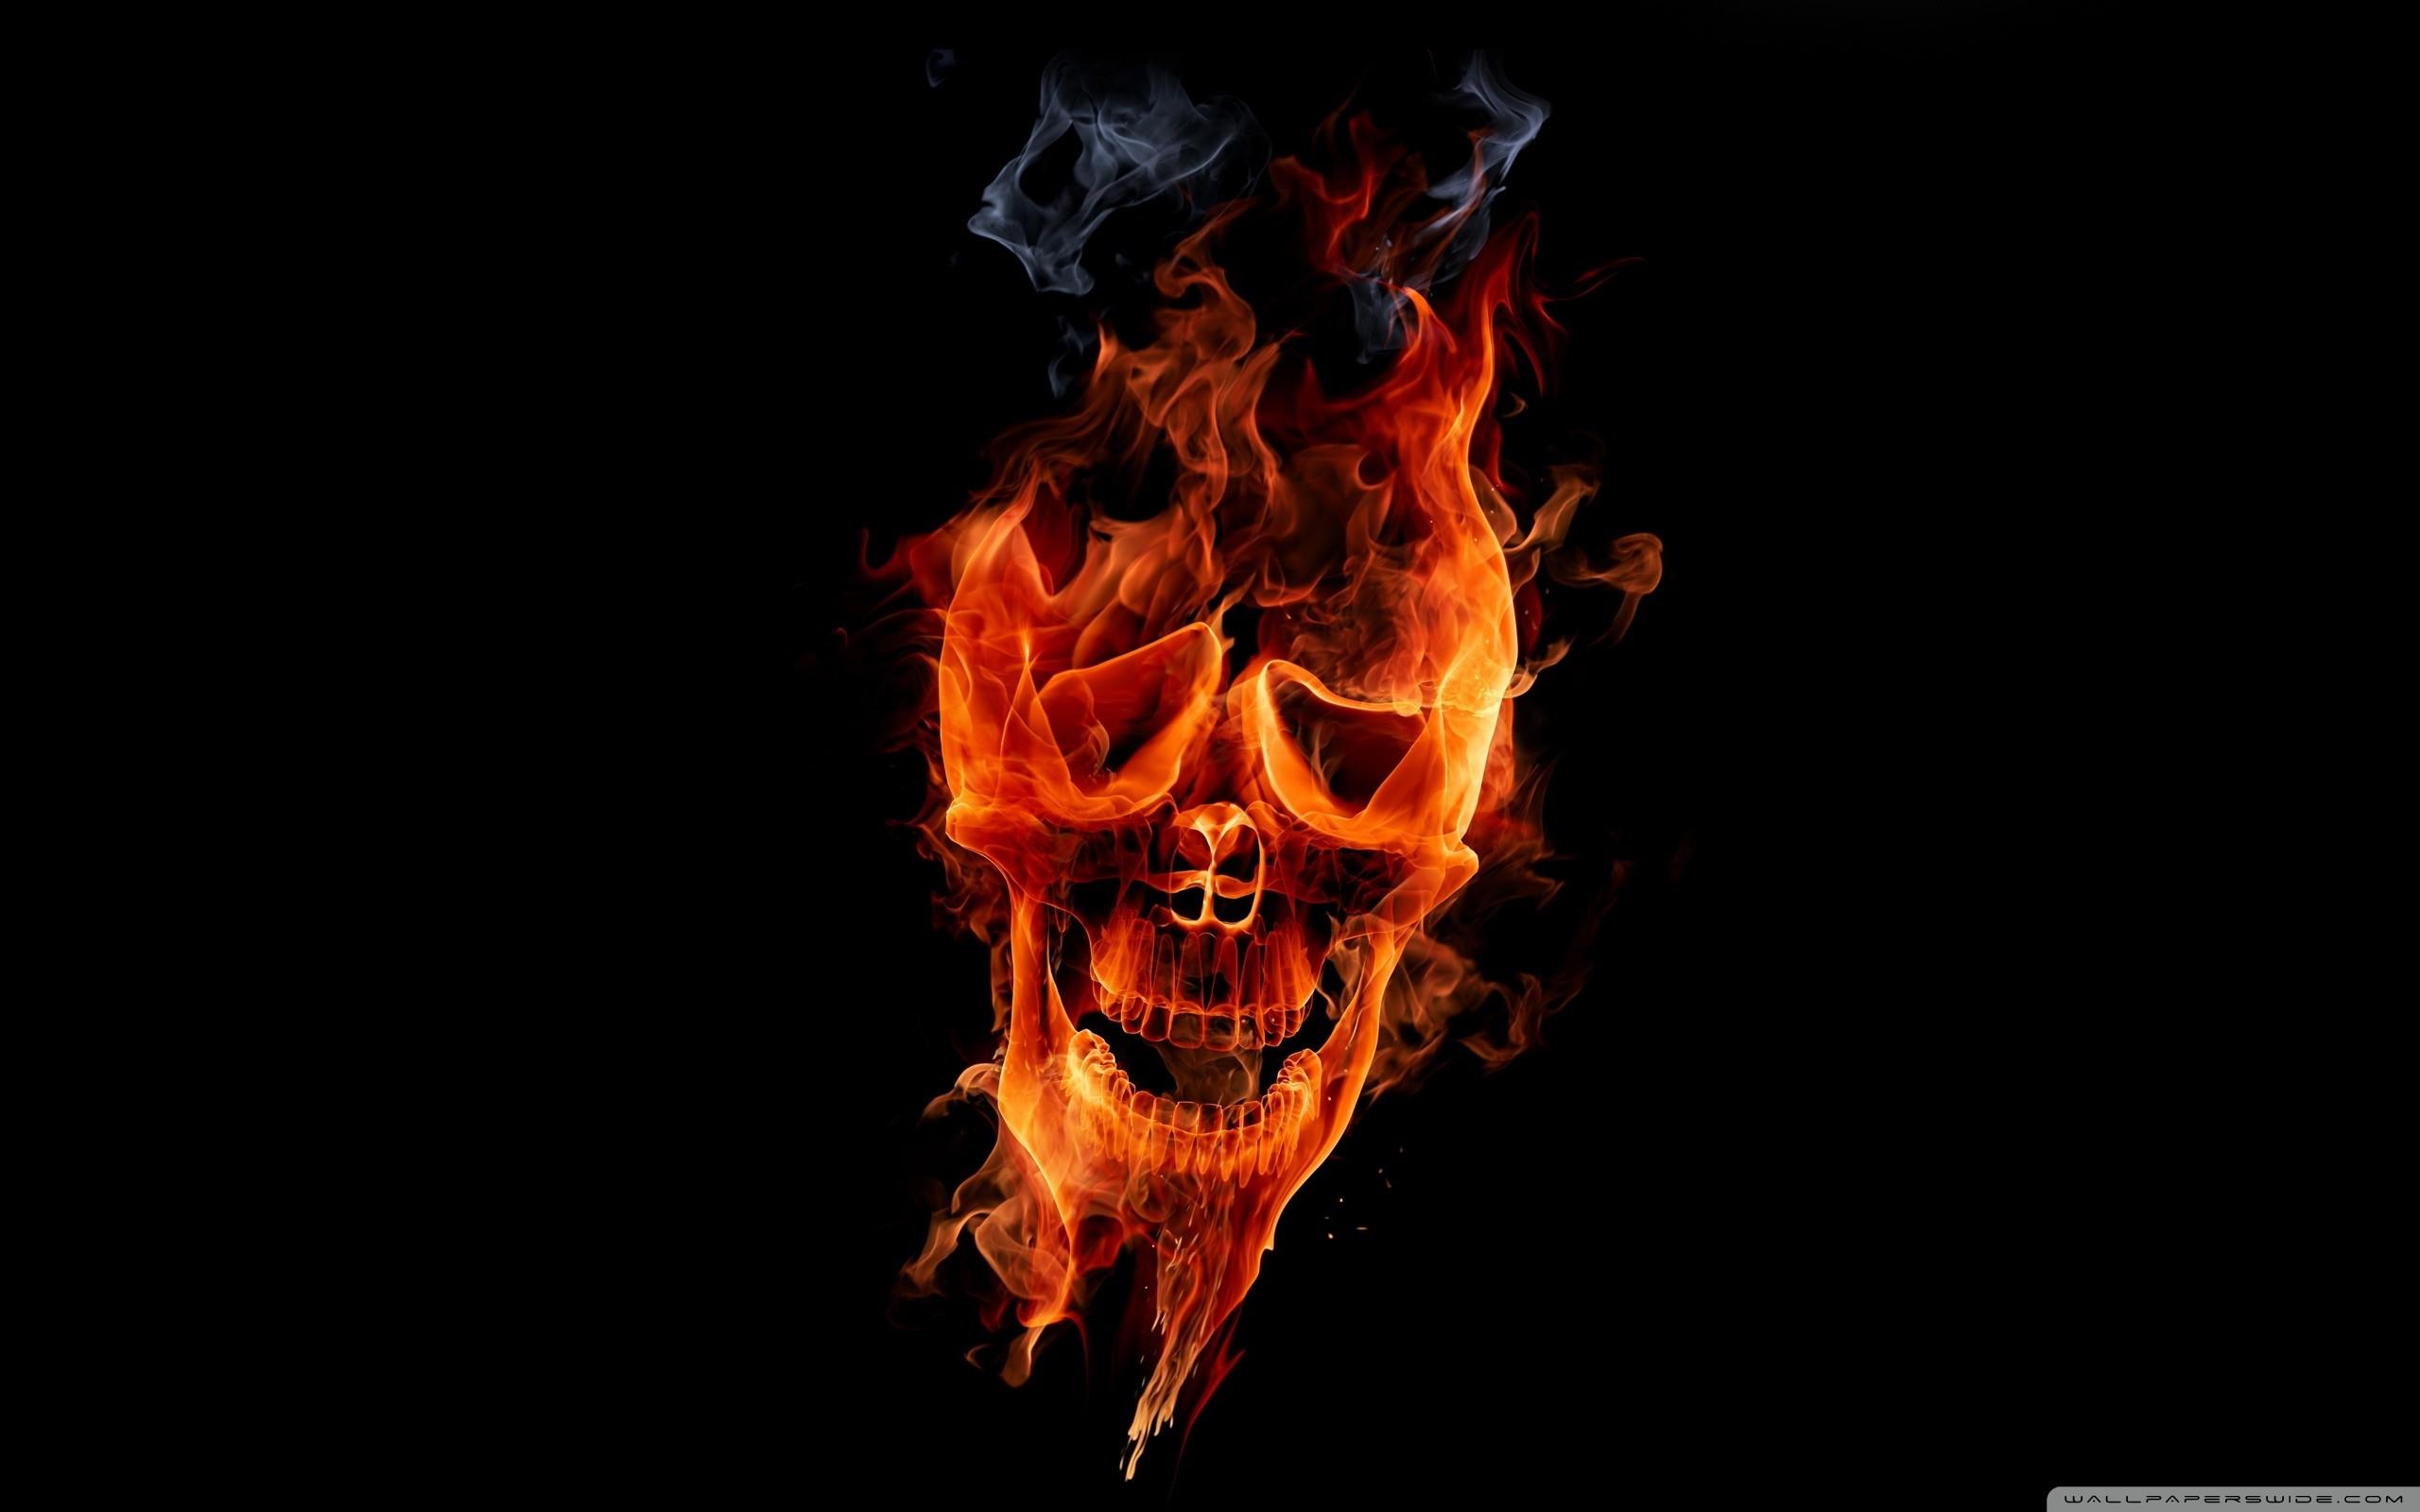 1920x1080 Fire Skull Wallpaper Free Download HQ WALLPAPER